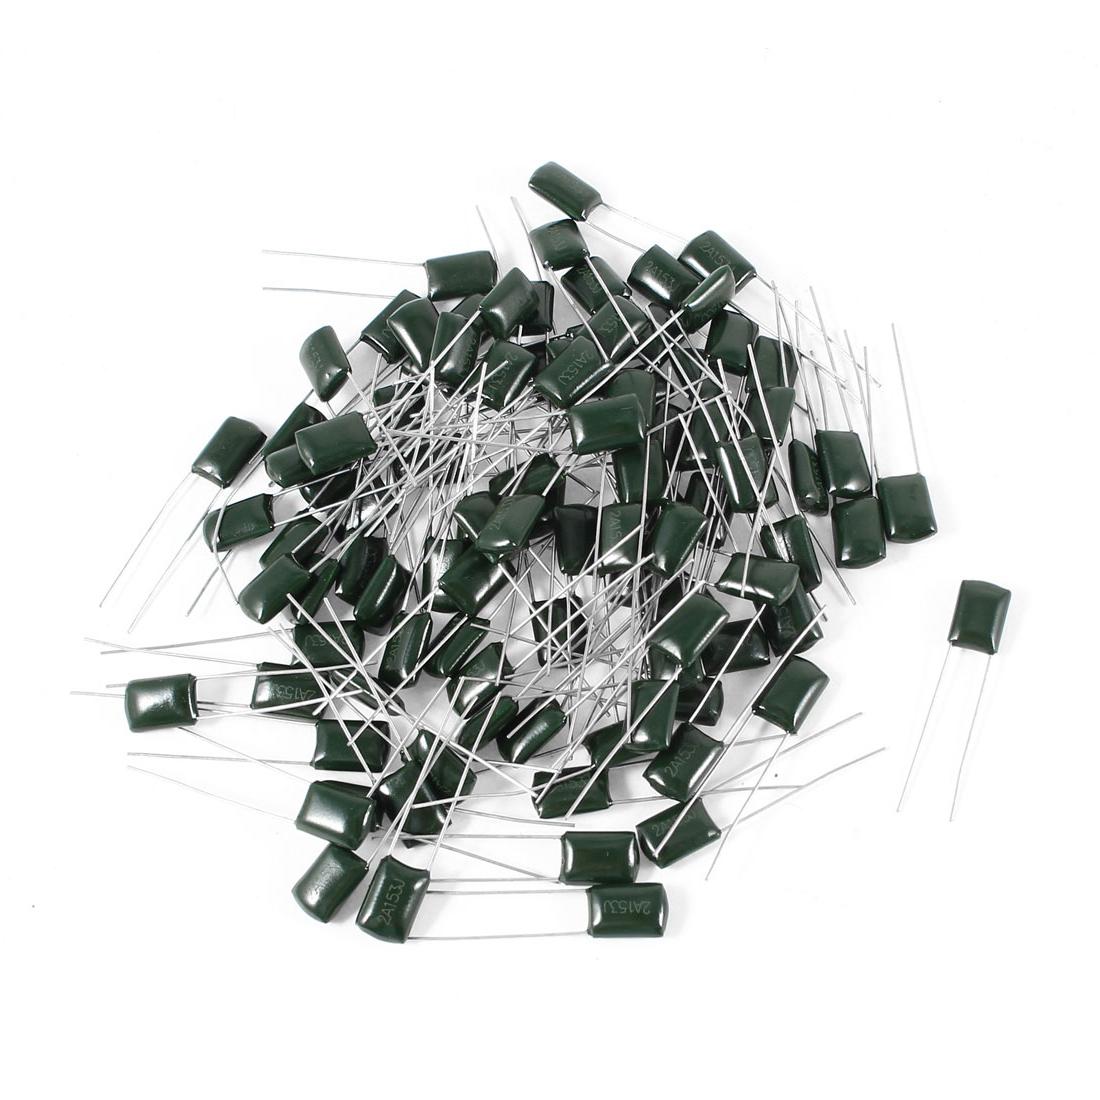 100 Pcs 2A153J 100V 15000pF 5% Mylar Cap Polyester Film Capacitors